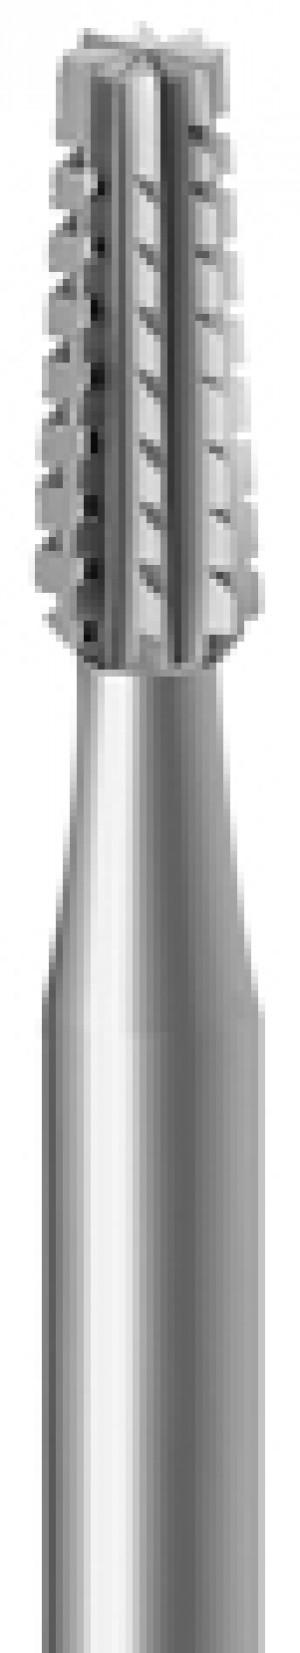 CROSS CUT CONE BUR 009